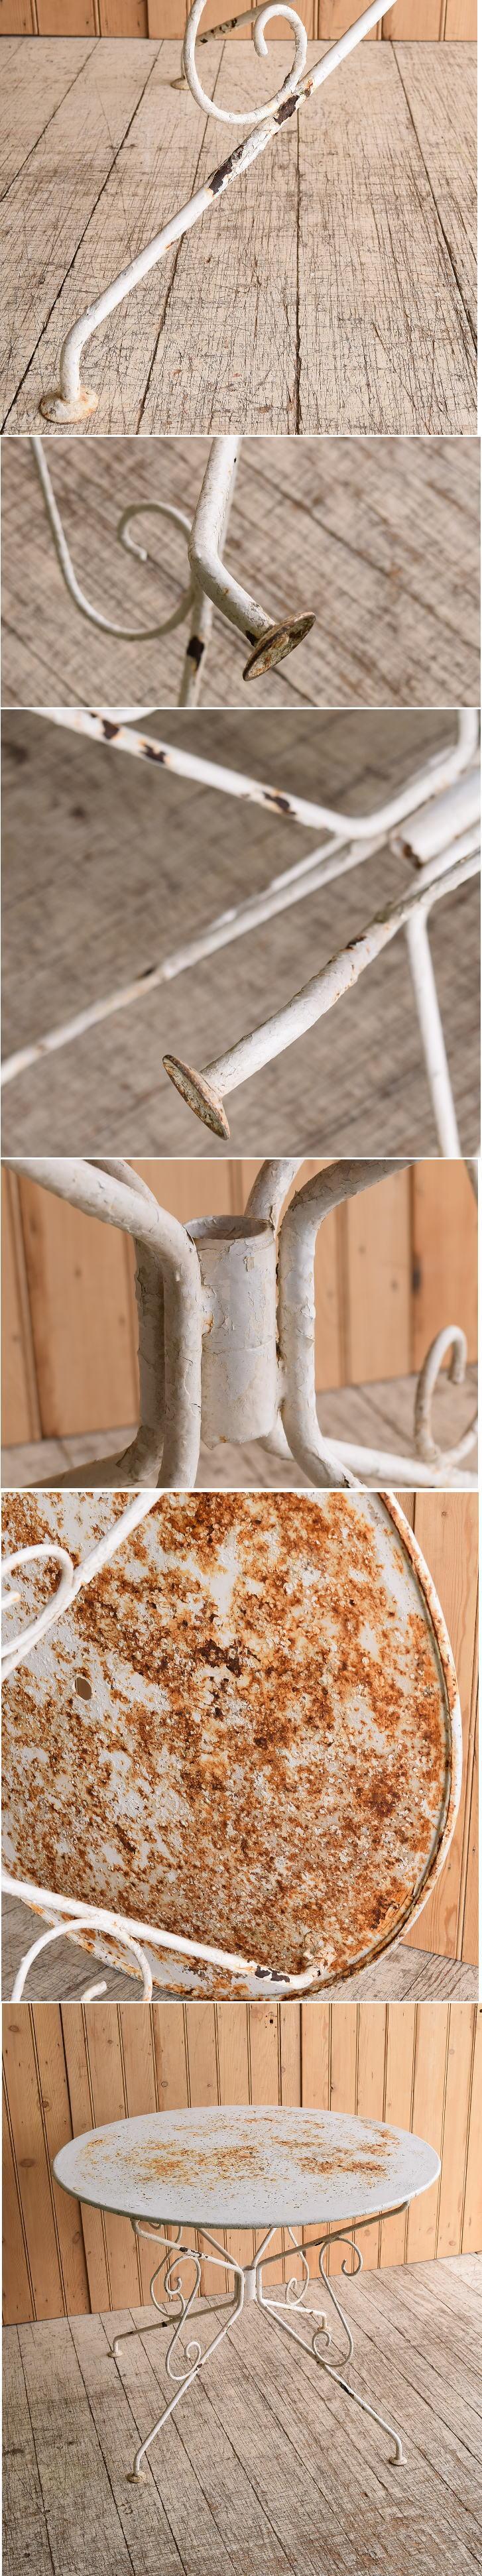 フレンチ アンティーク アイアン ガーデンテーブル 10264